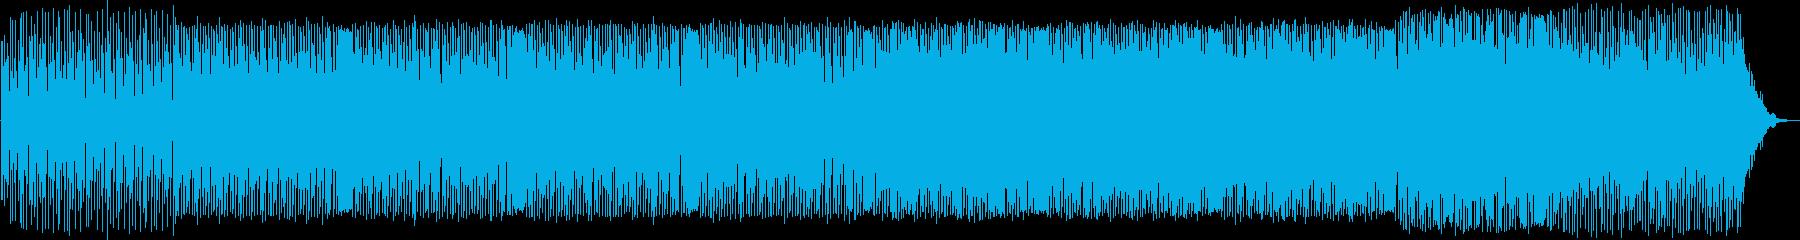 幻想的なシンセサウンドが特徴のテクノの再生済みの波形